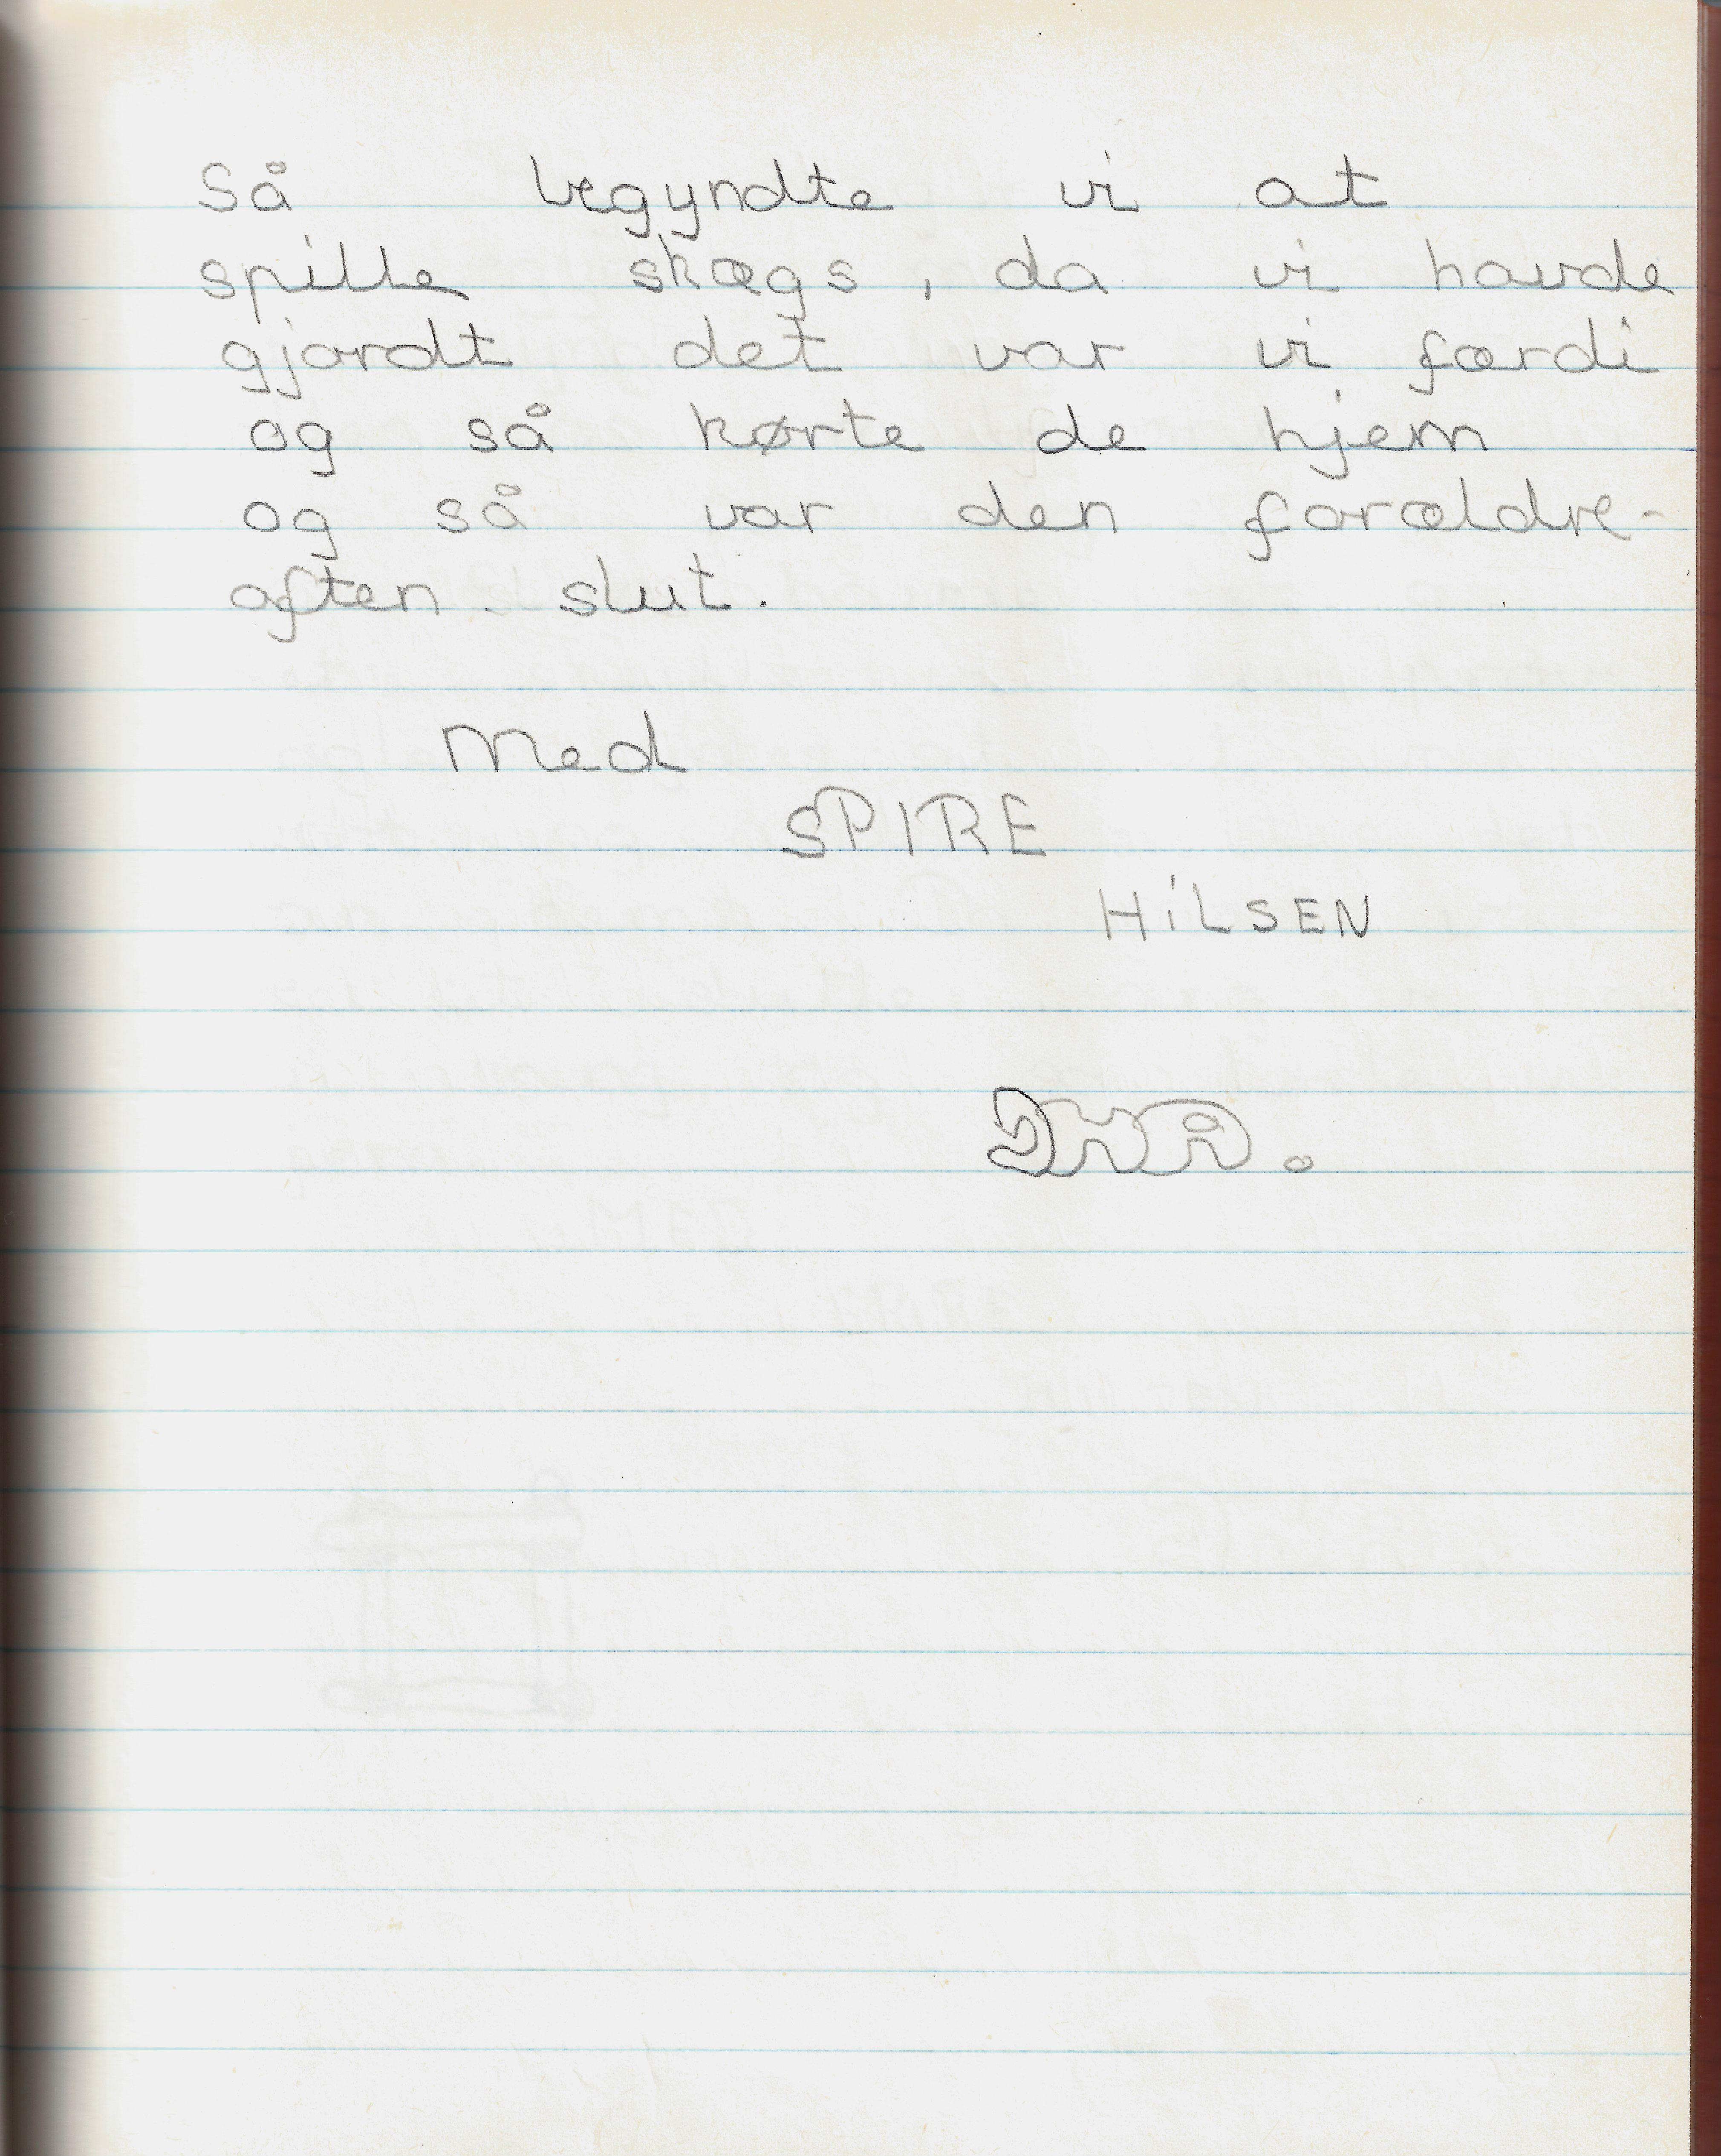 Spirerne 1972 side 25